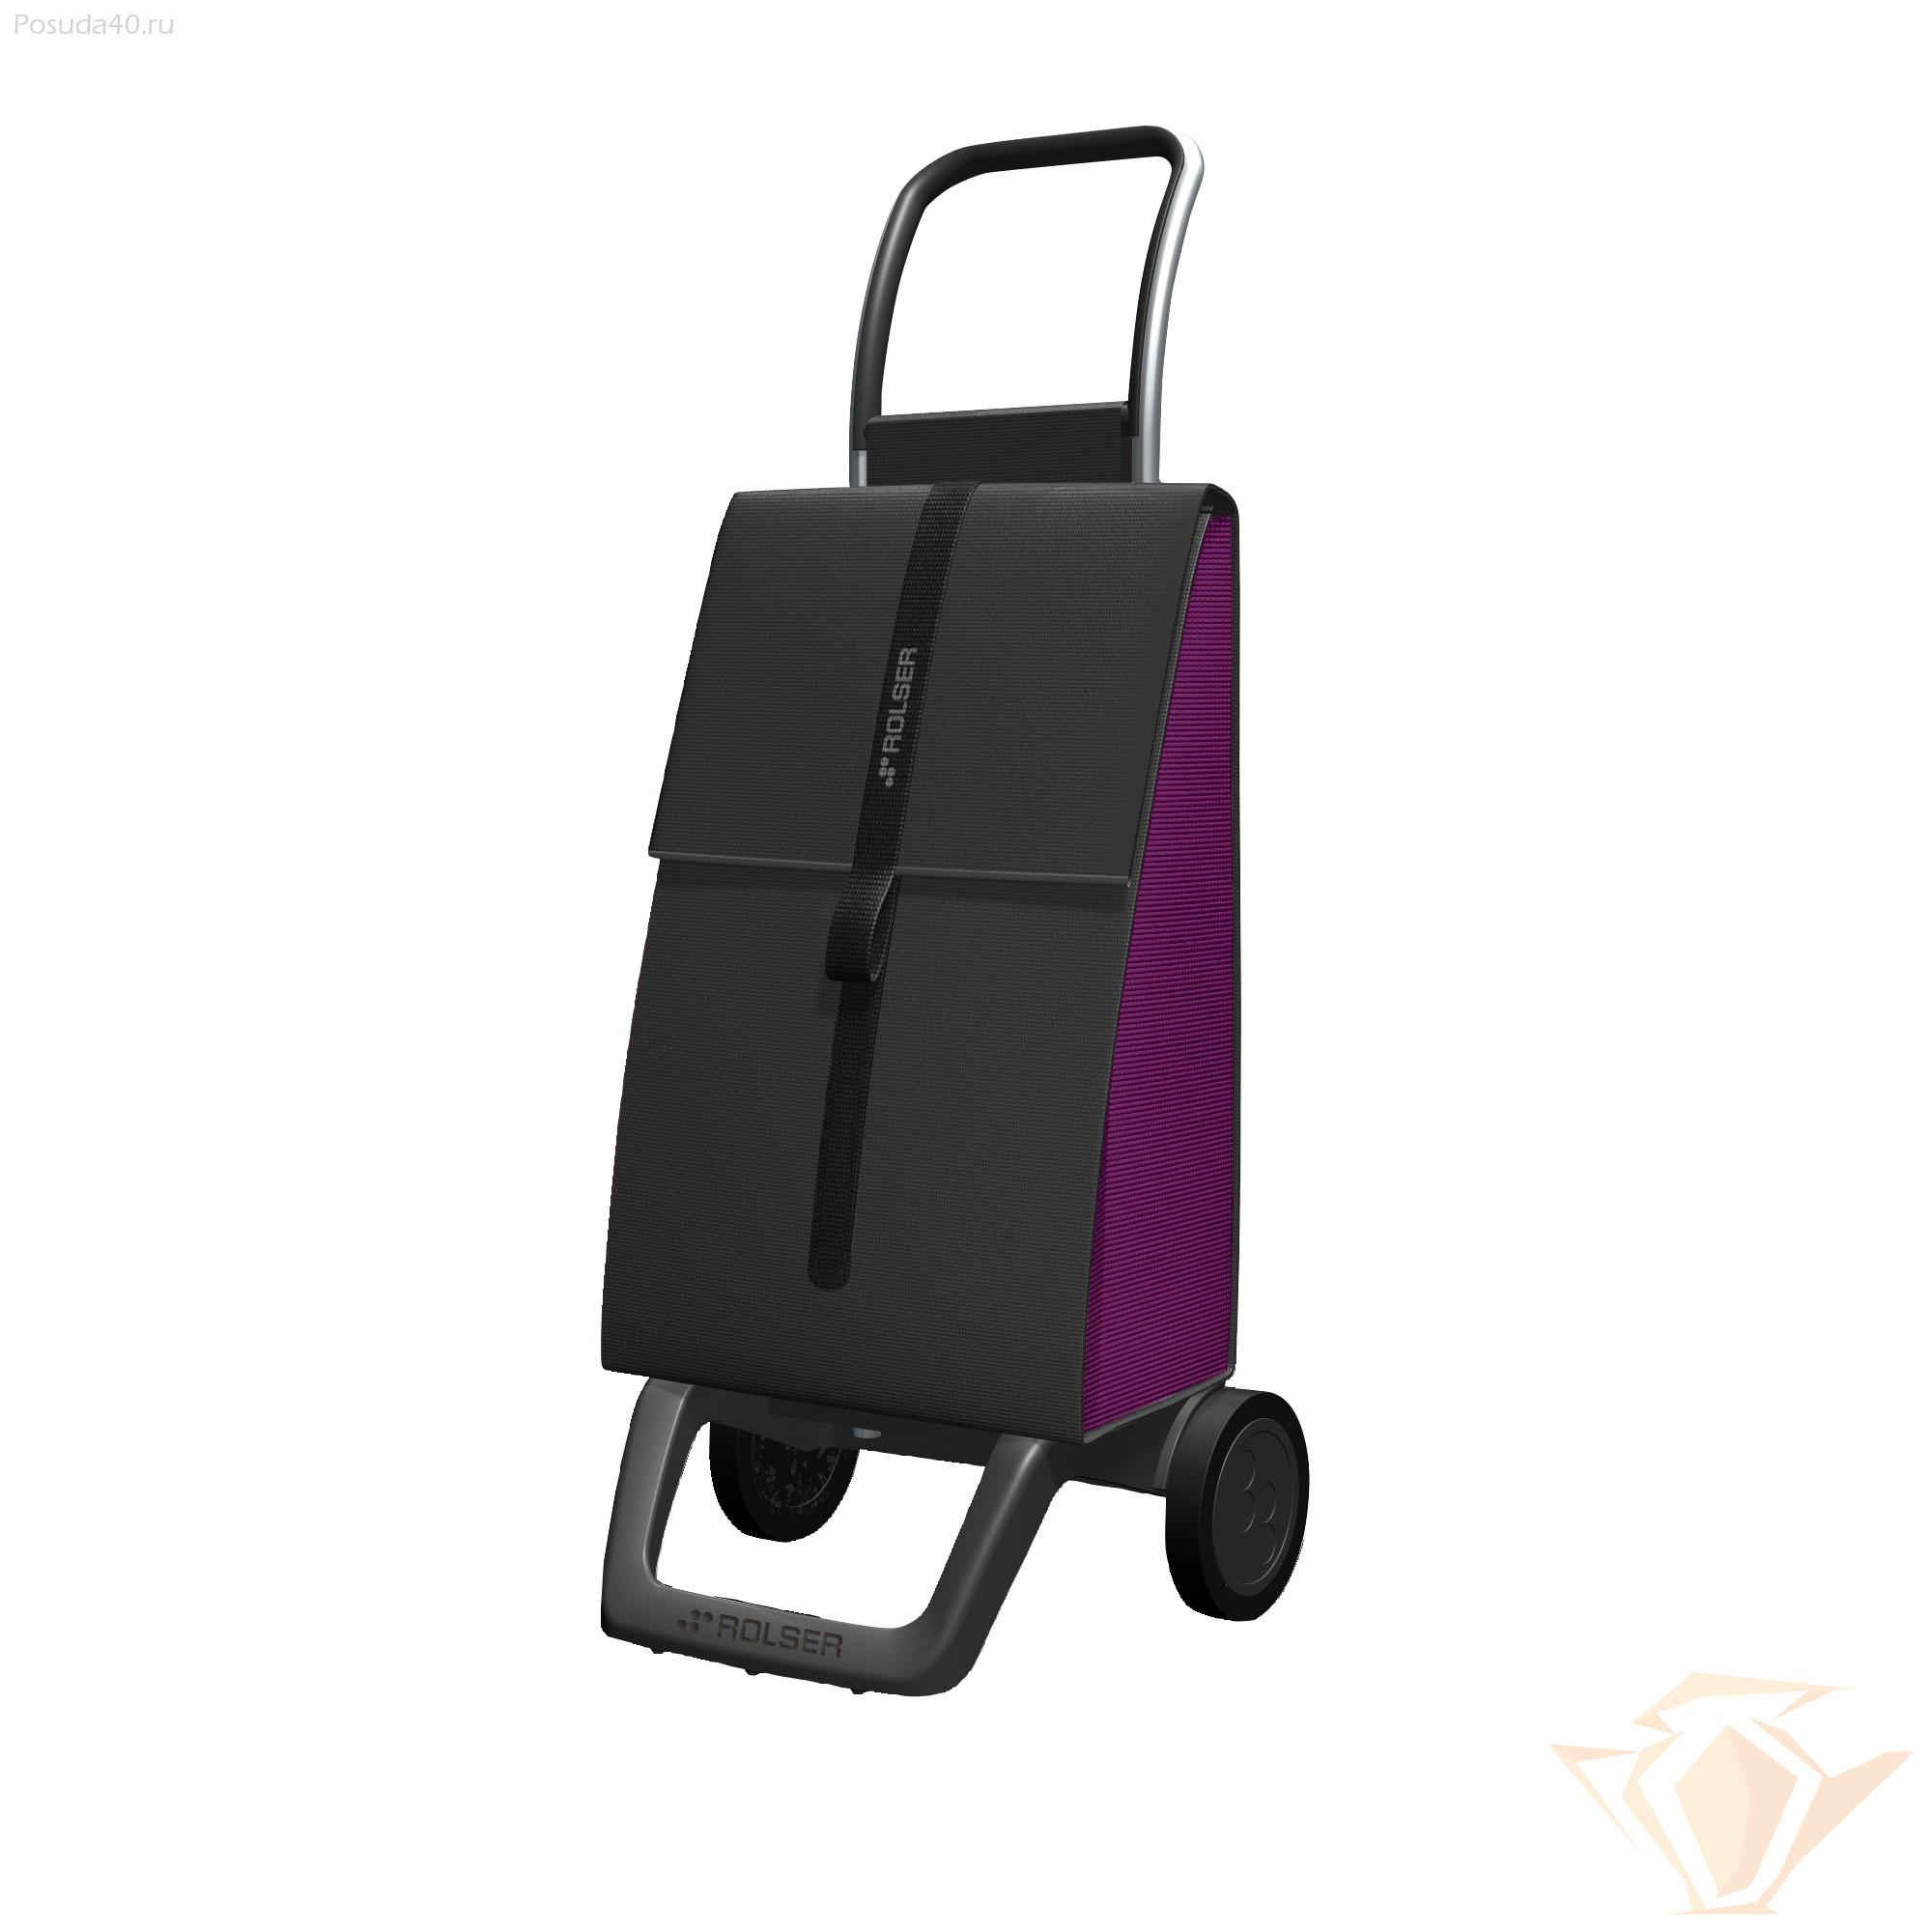 Сумки хозяйственные фиолетовые grizzly рюкзаки школьные отзывы